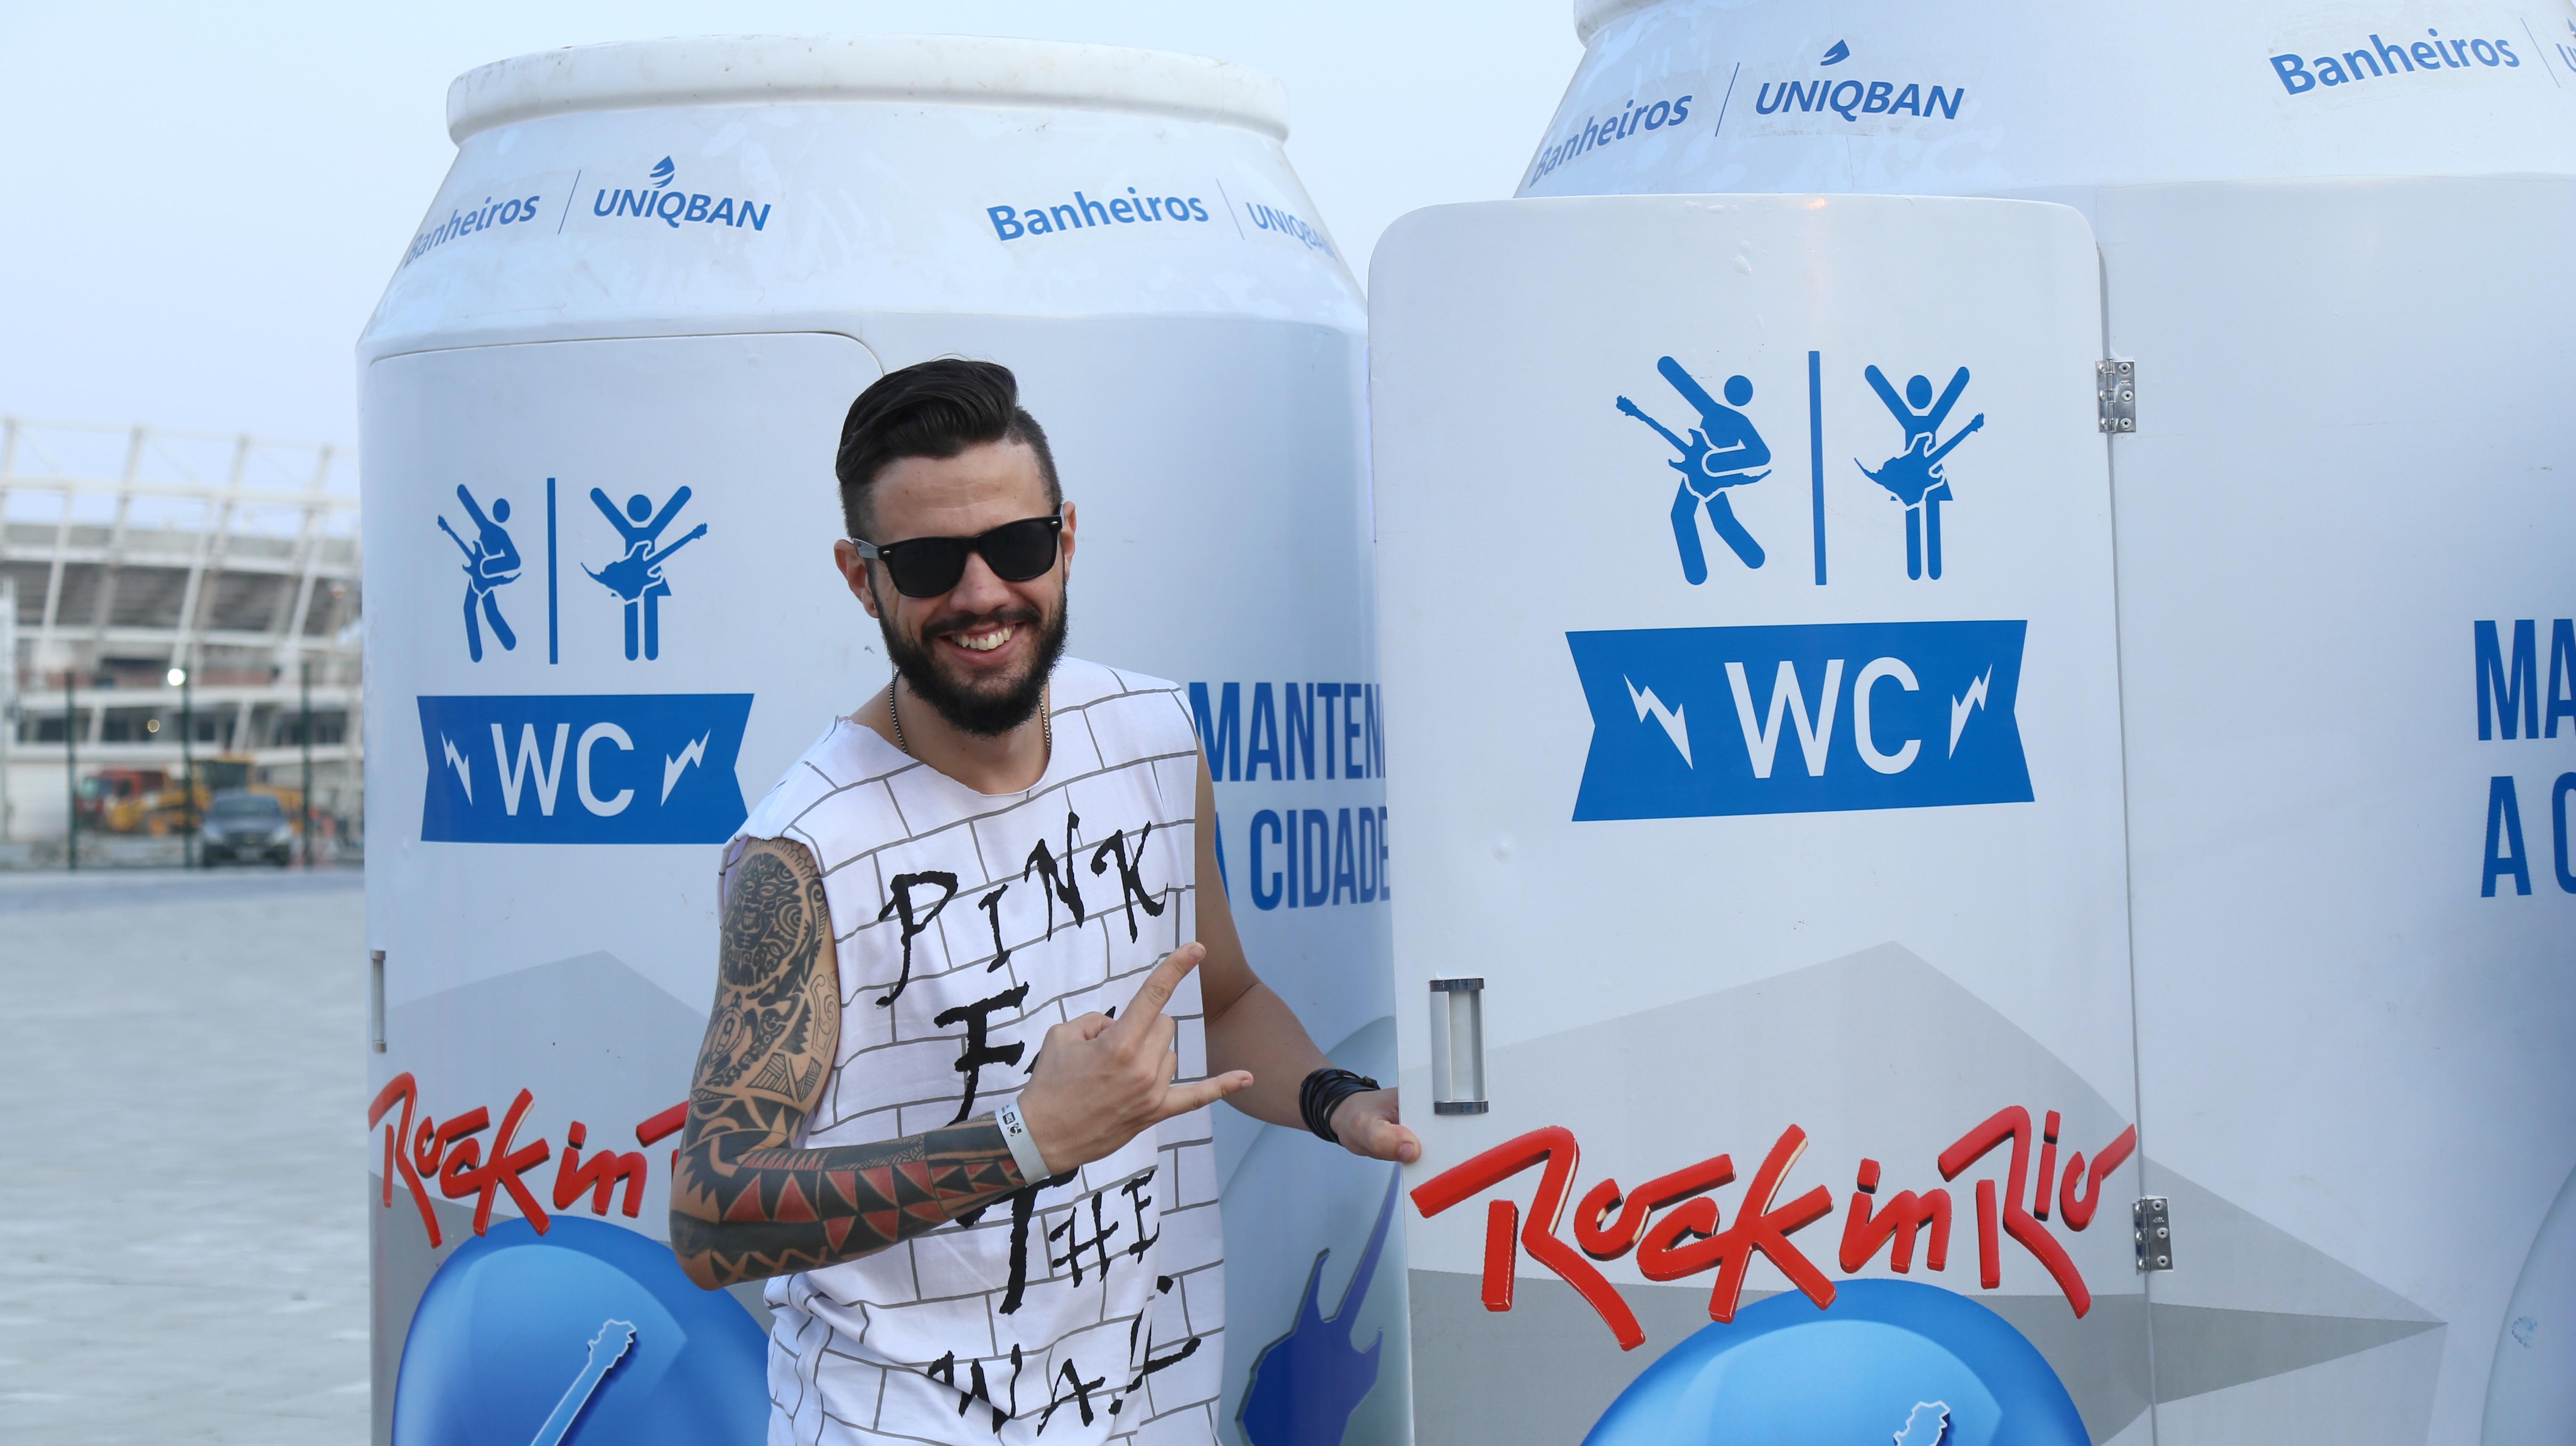 Os fãs do Rock in Rio aprovaram a escolha do festival.